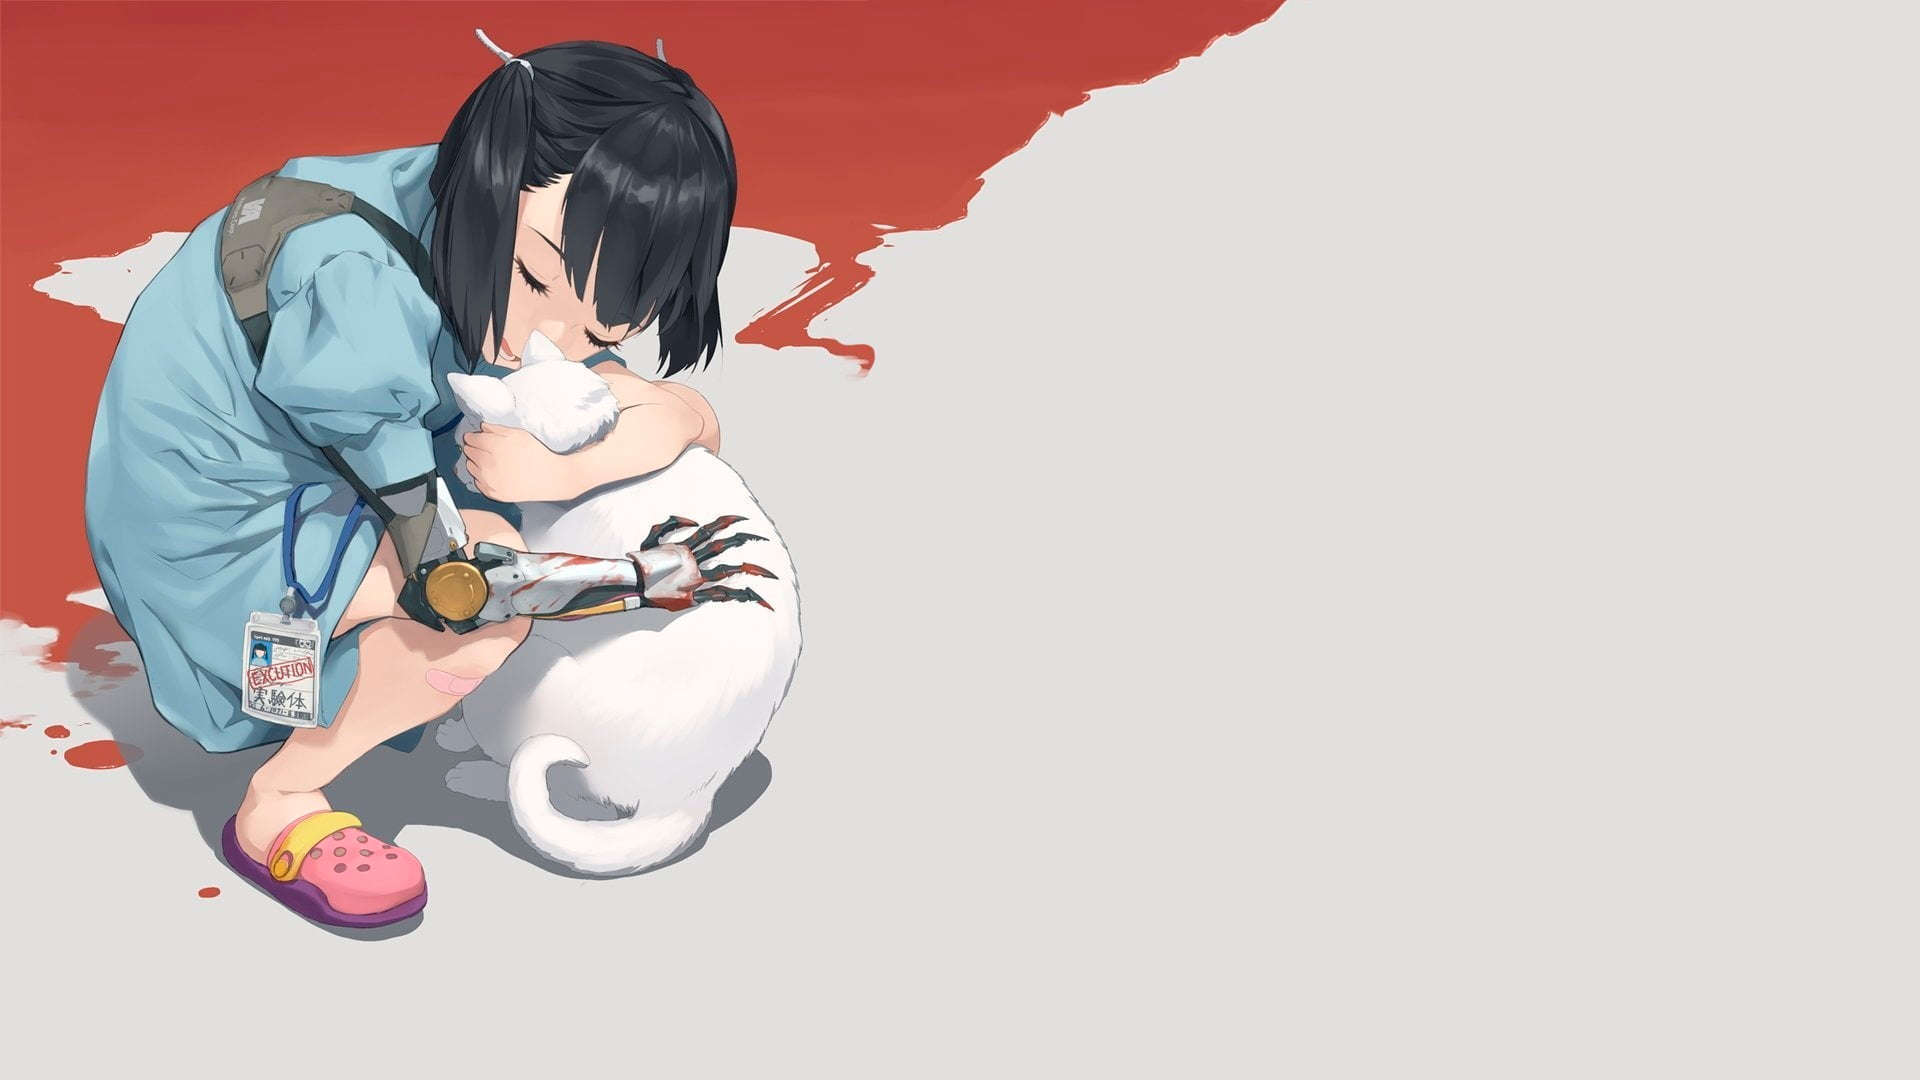 Wallpaper anime berpelukan